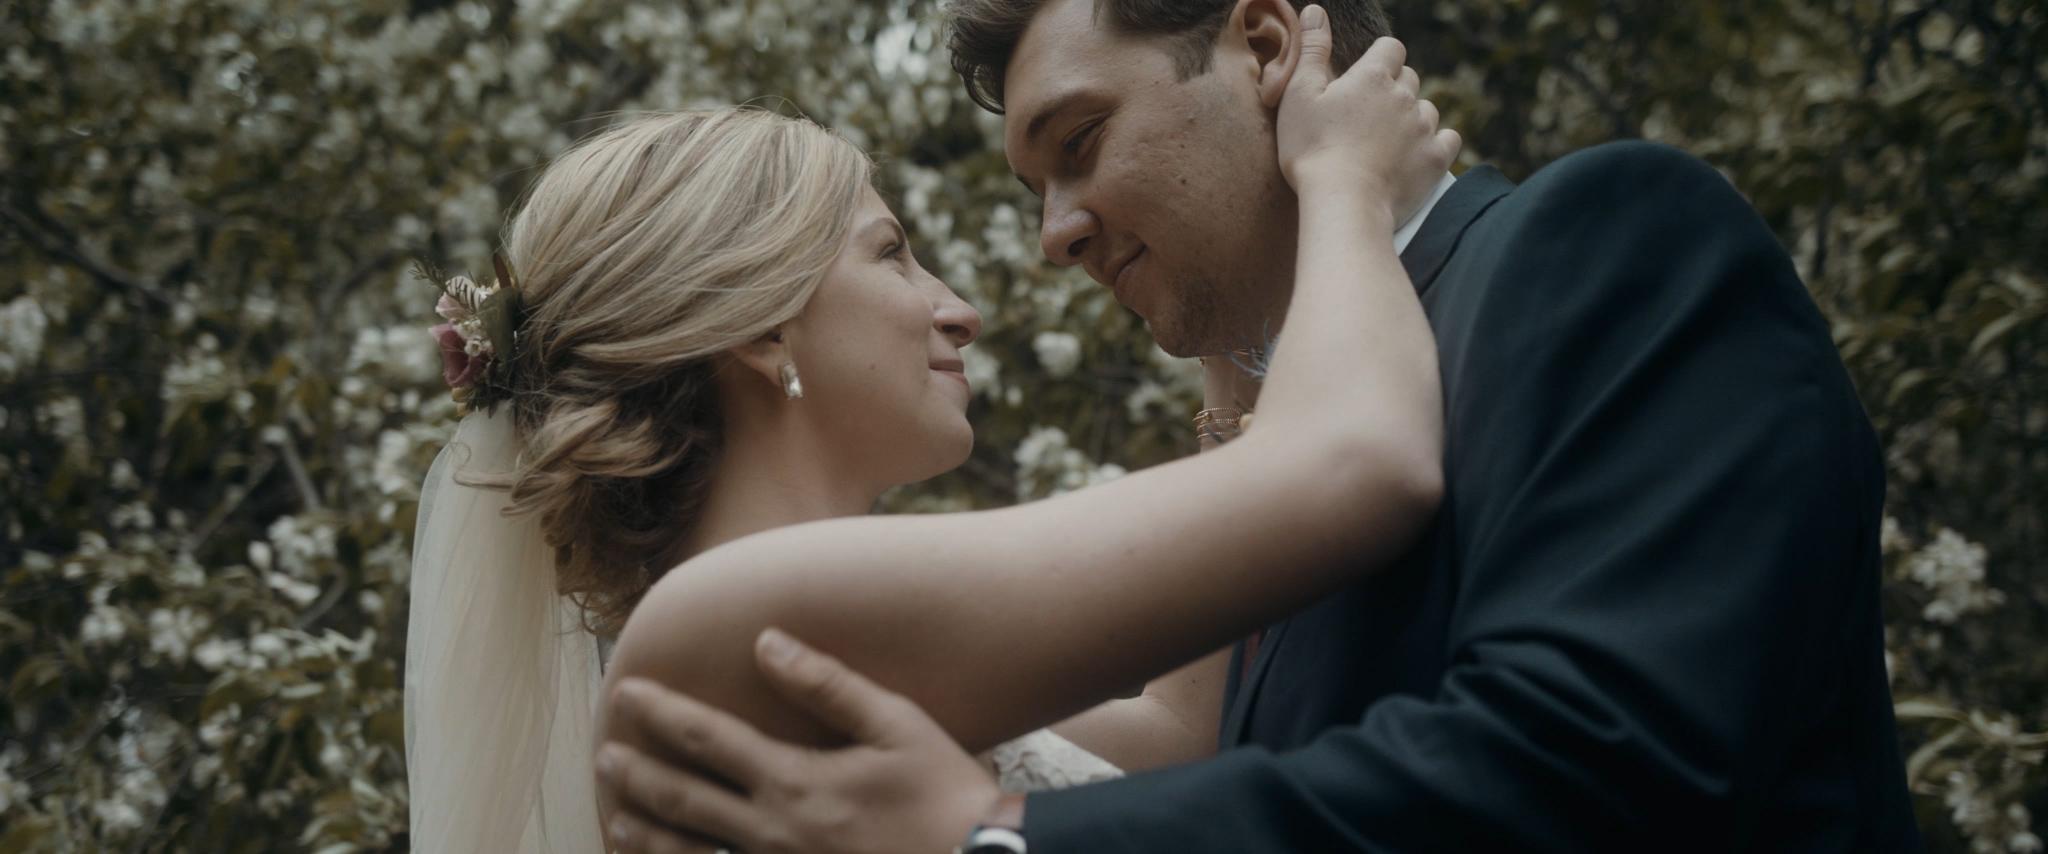 HAVENS_Wedding_Film.00_06_11_18.Still067.jpg